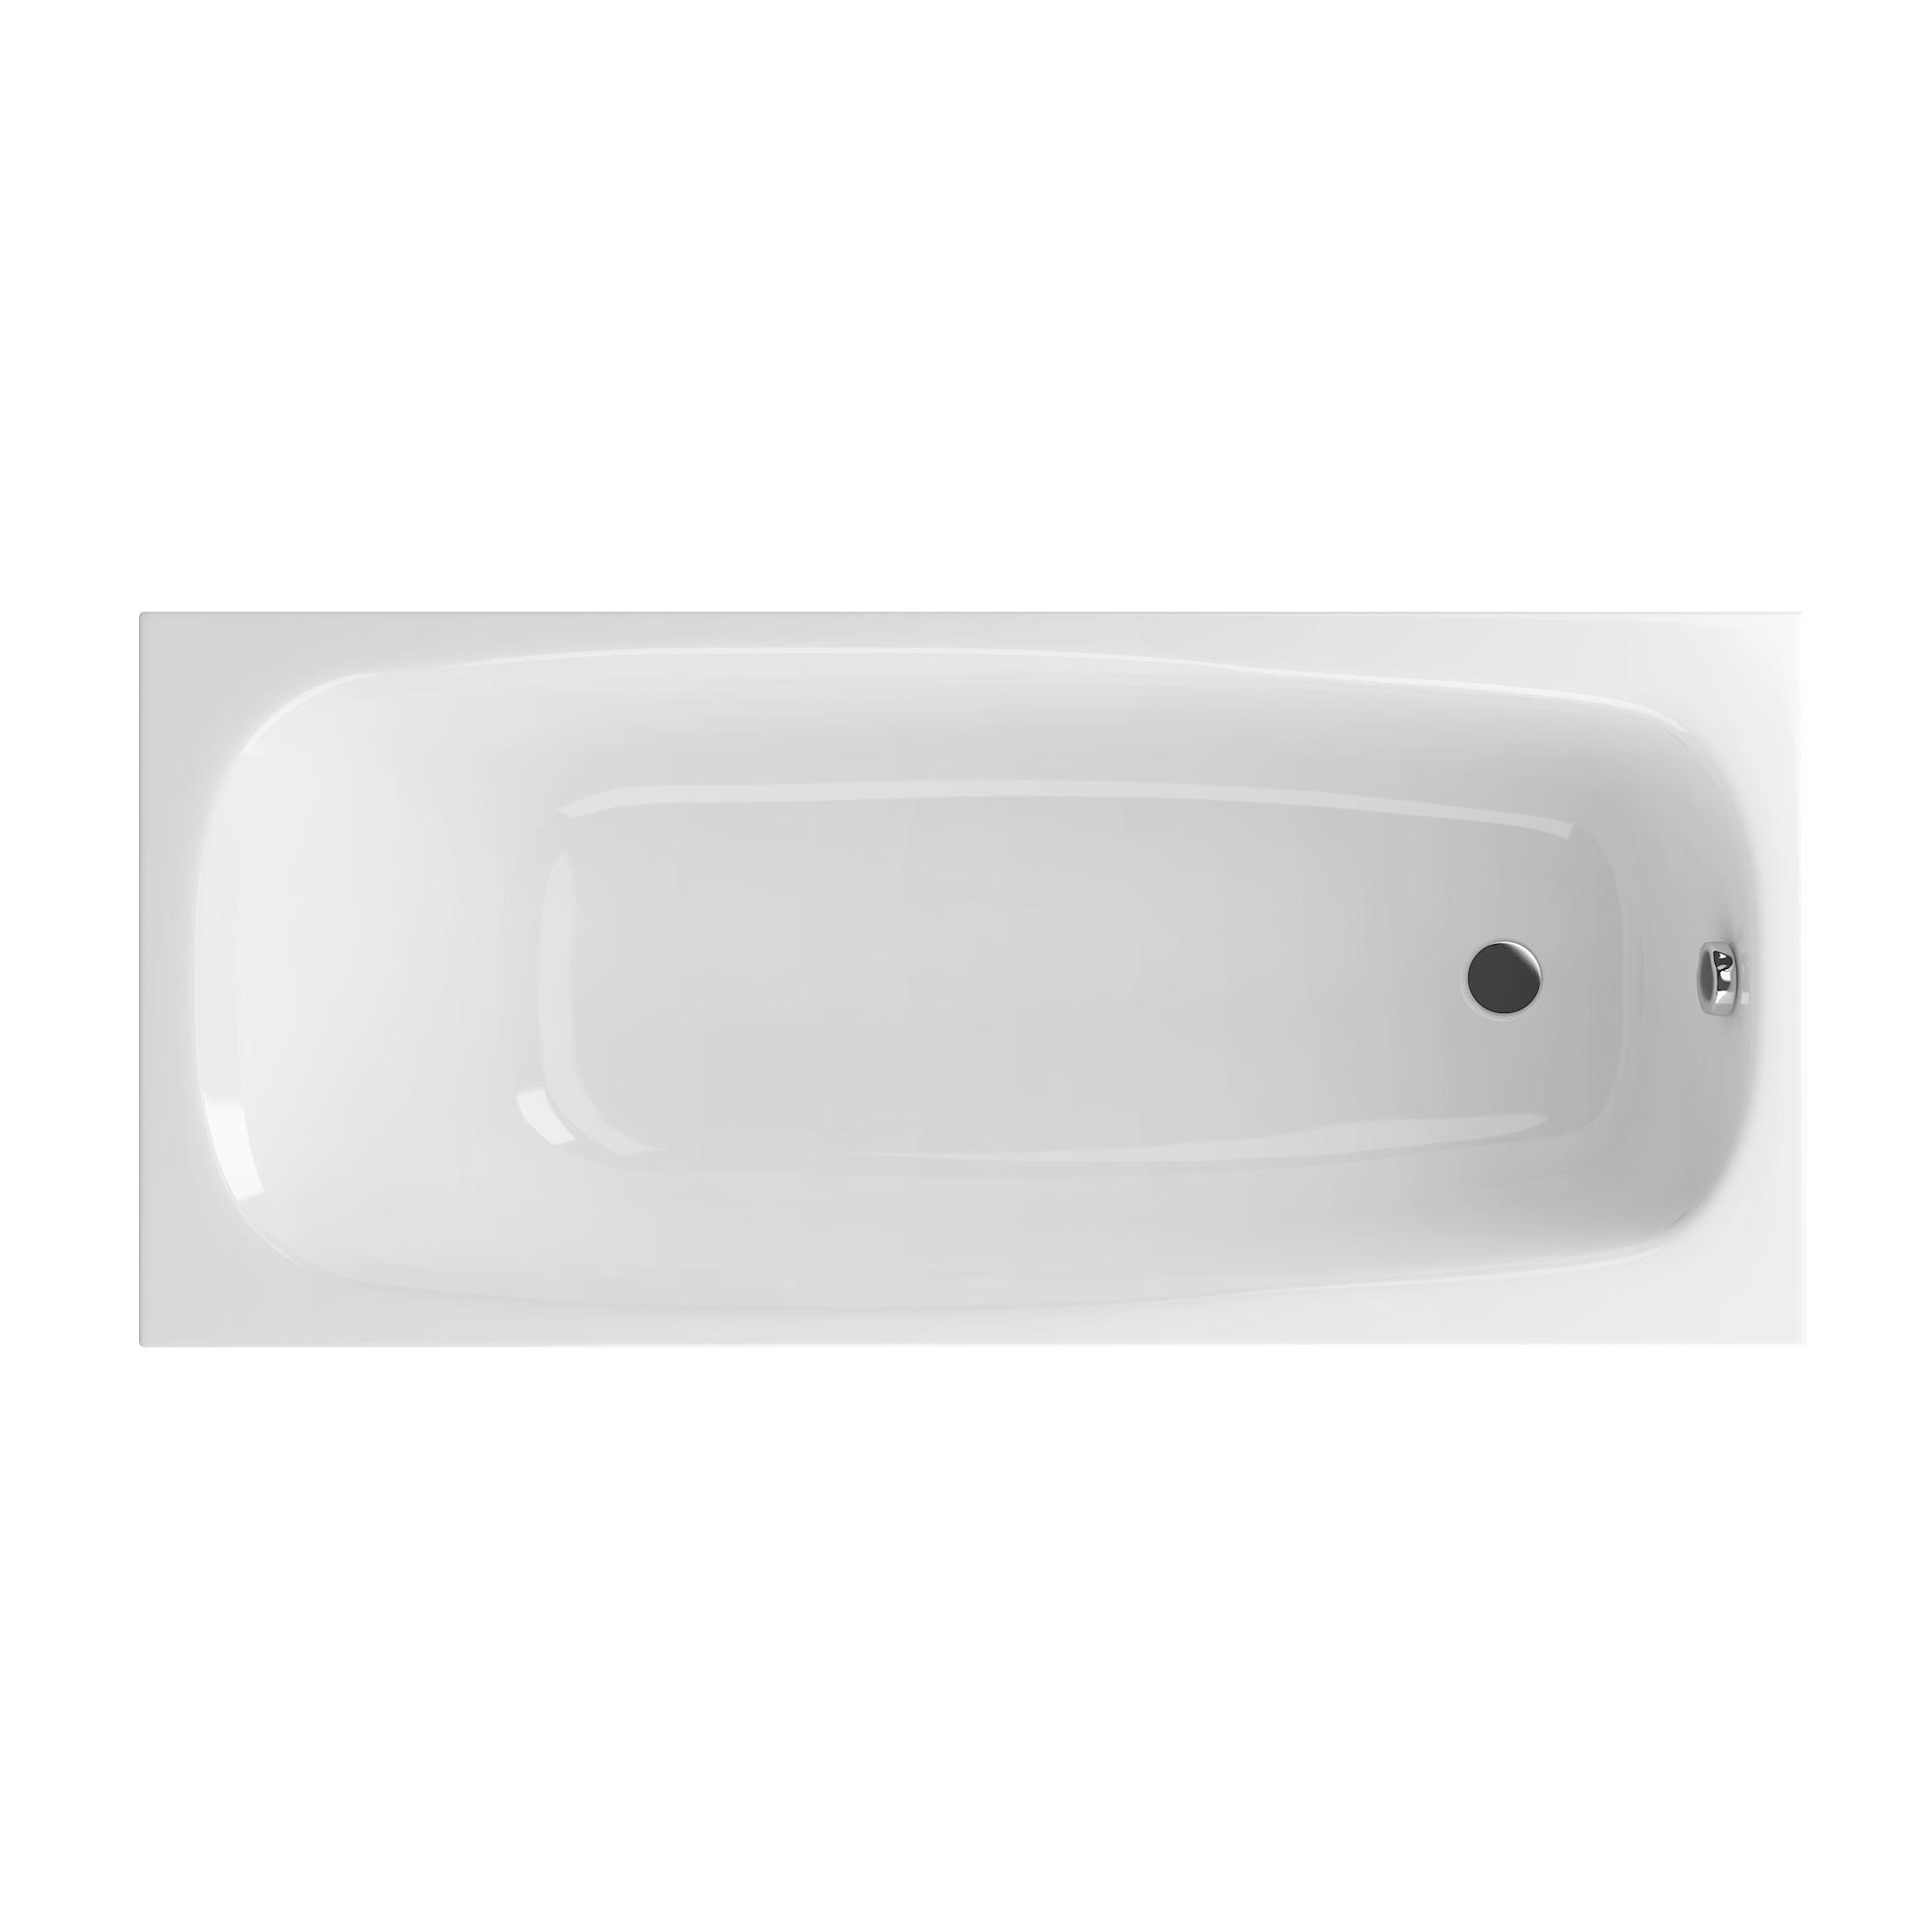 Акриловая ванна Excellent Layla 180x80 без гидромассажа холодильник sharp sj xe55pmwh двухкамерный белый жемчуг